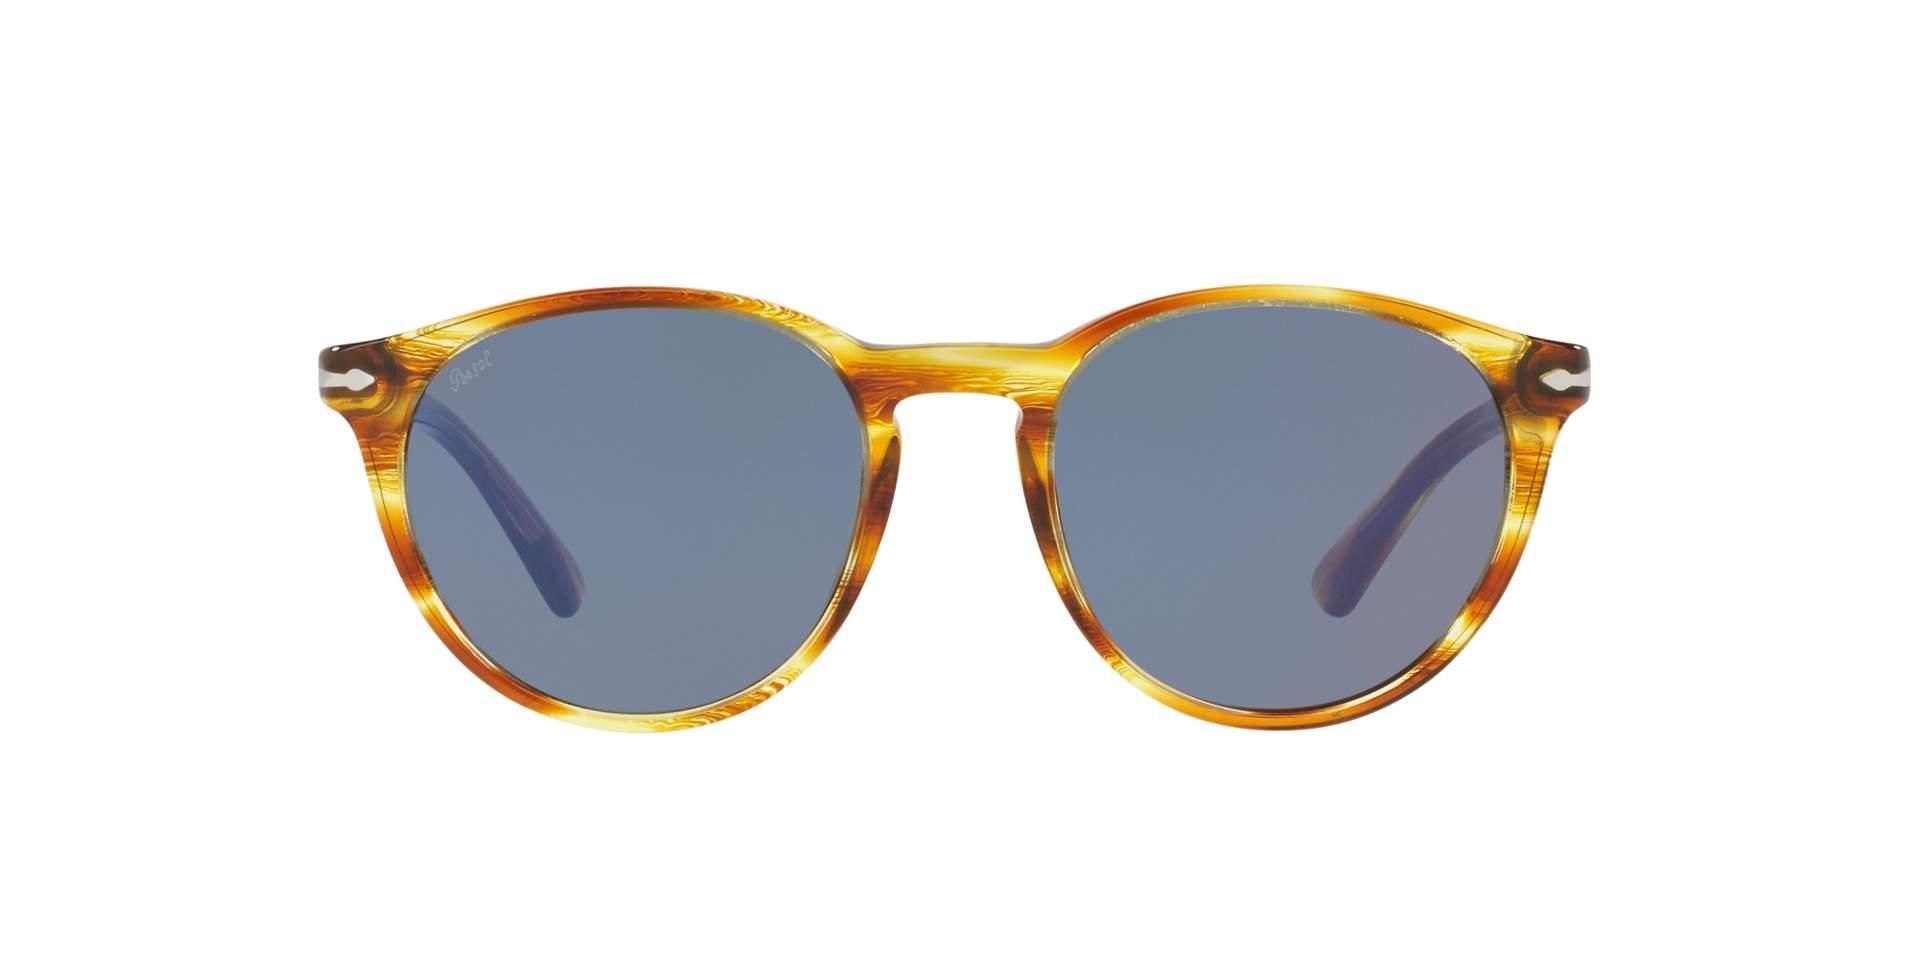 c115d3ad46fc2 Sunglasses Persol PO3152S 9043 56 49-20 Tortoise Medium